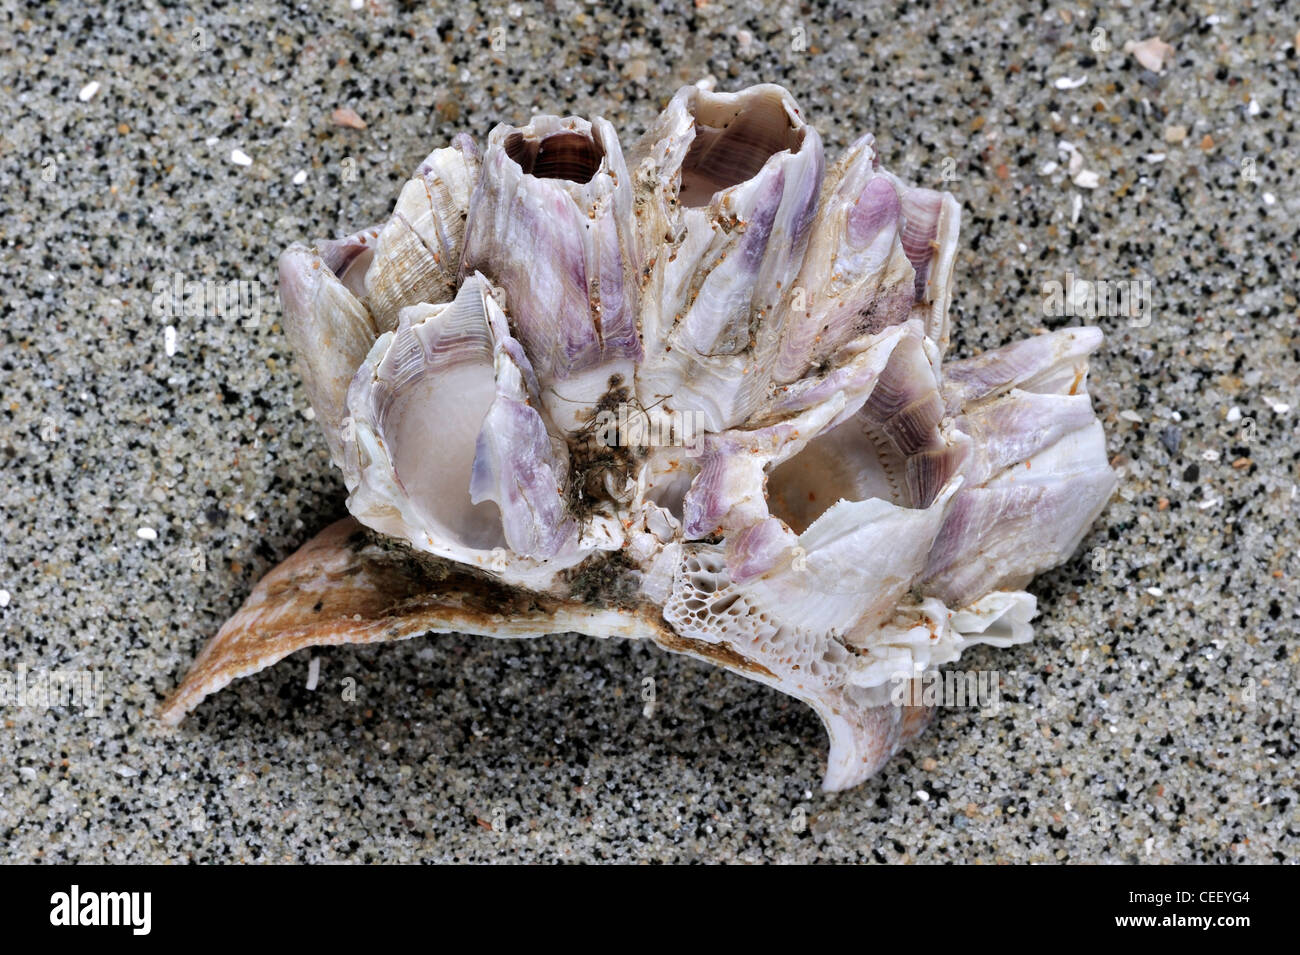 American slipper limpet (Crepidula fornicata) shell sulla spiaggia con Acorn barnacles (Megabalanus tintinnabulum) crescente su di esso Foto Stock